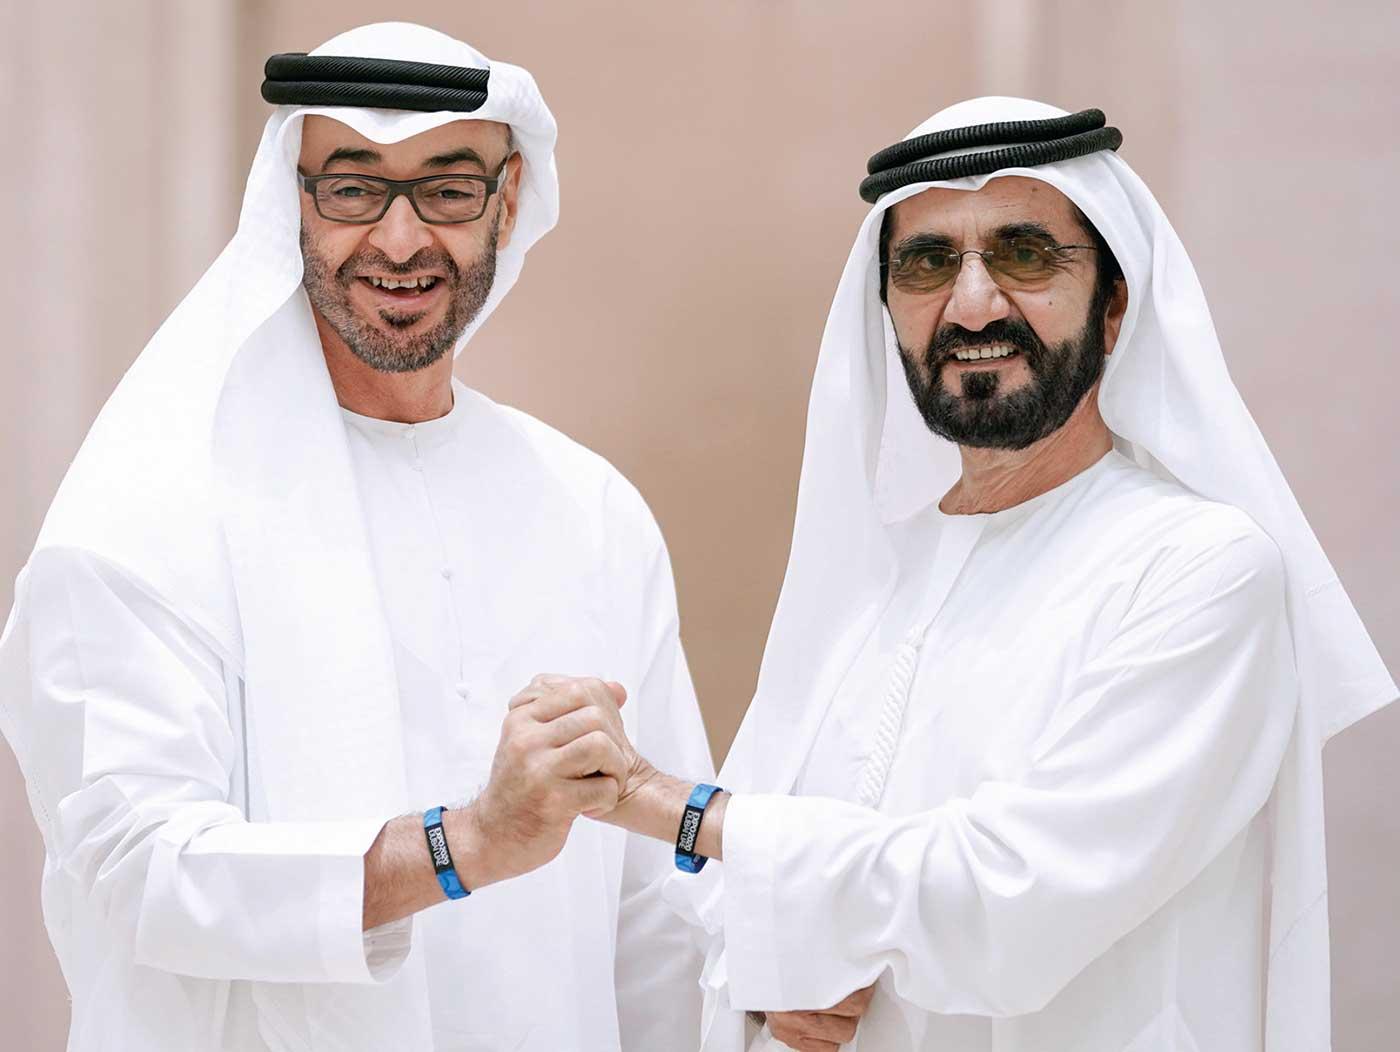 محمد بن راشد يعلن تعيينات جديدة في حكومة الإمارات